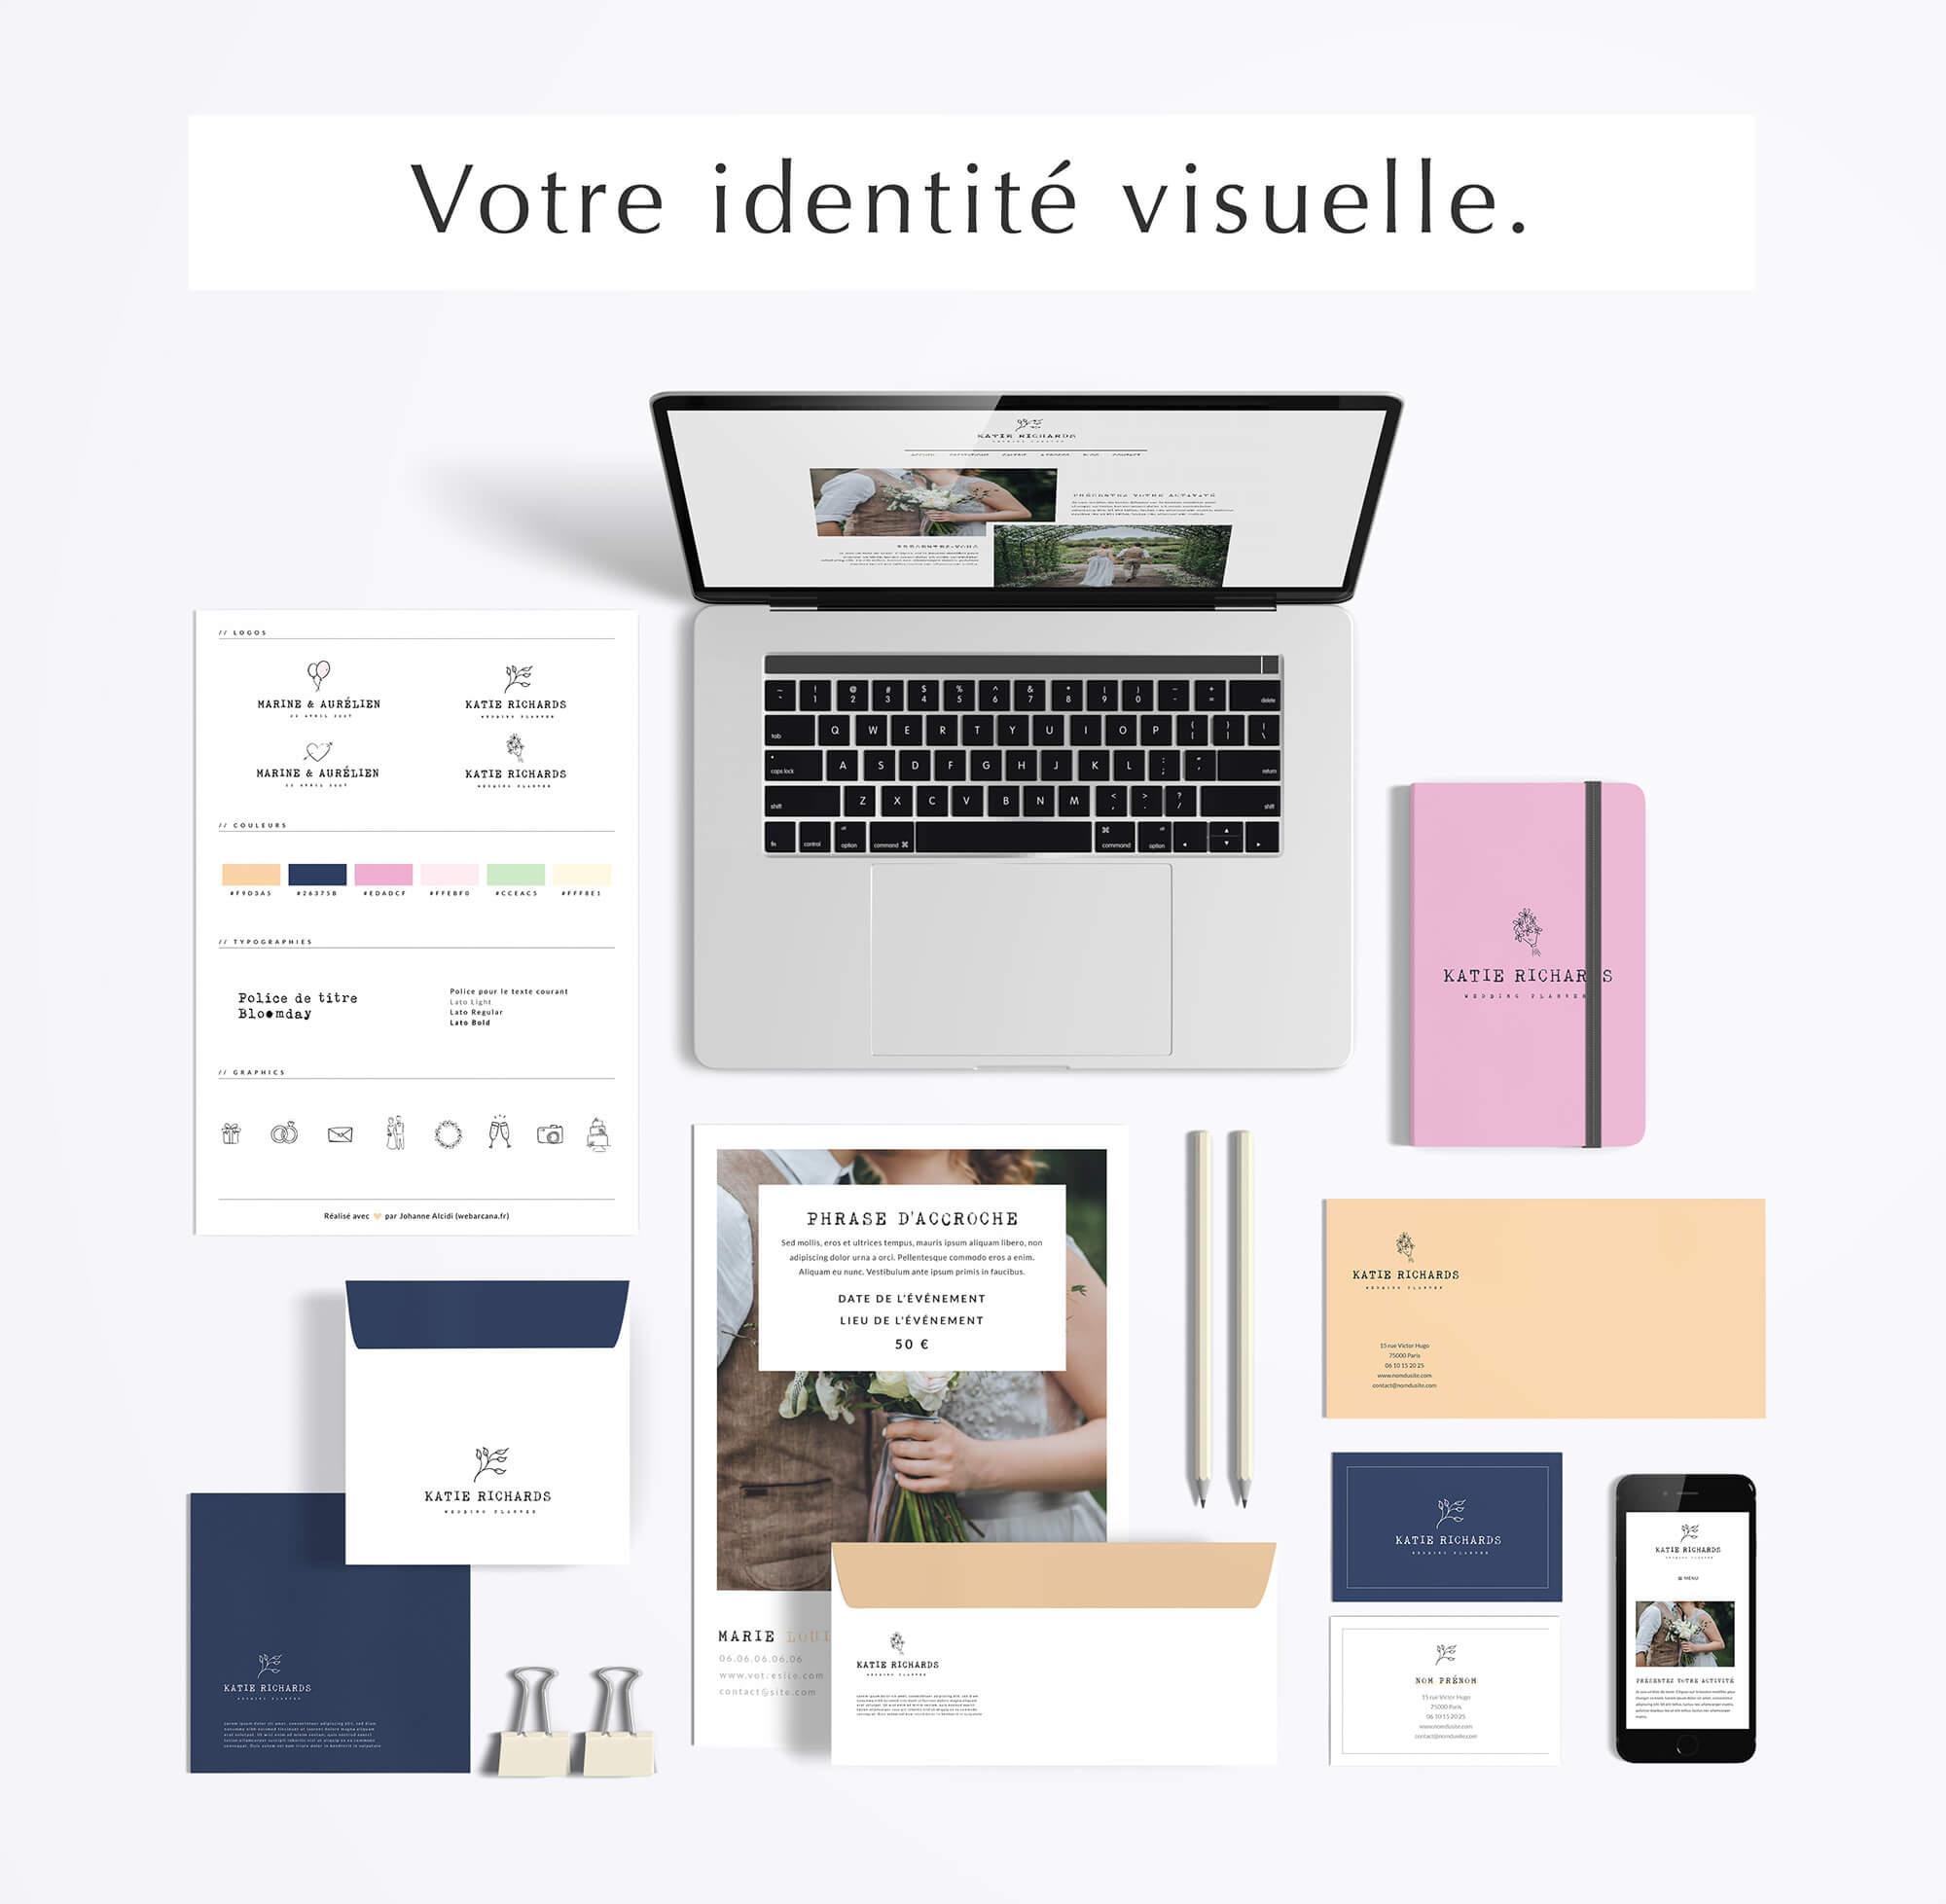 Mockup Identité Visuelle